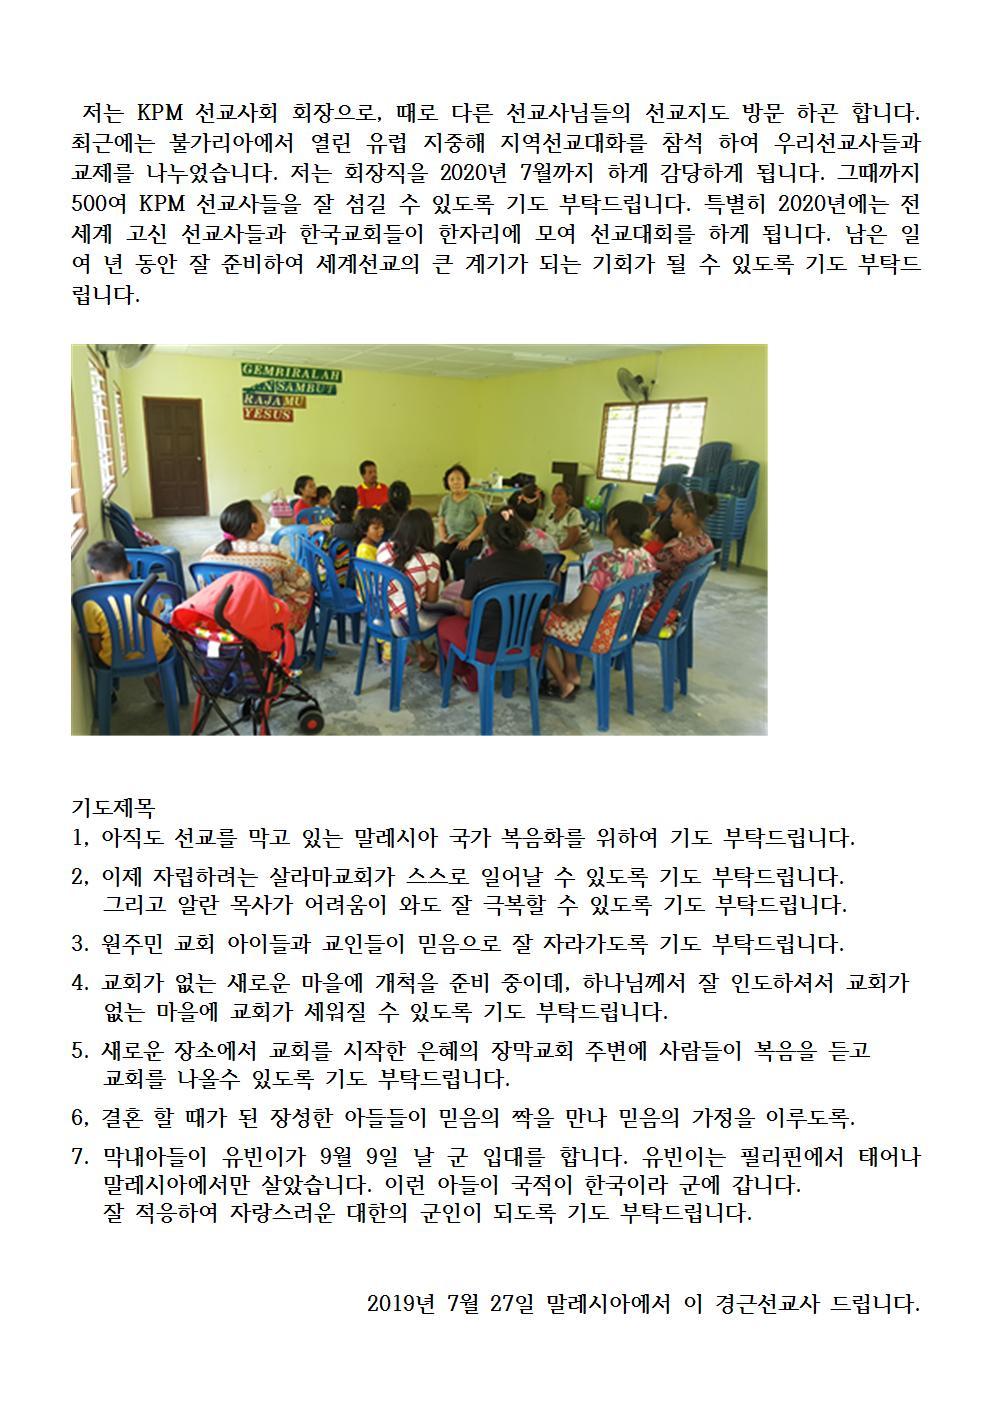 말레시아 이경근 선교사 선교소식19-07-27002.jpg